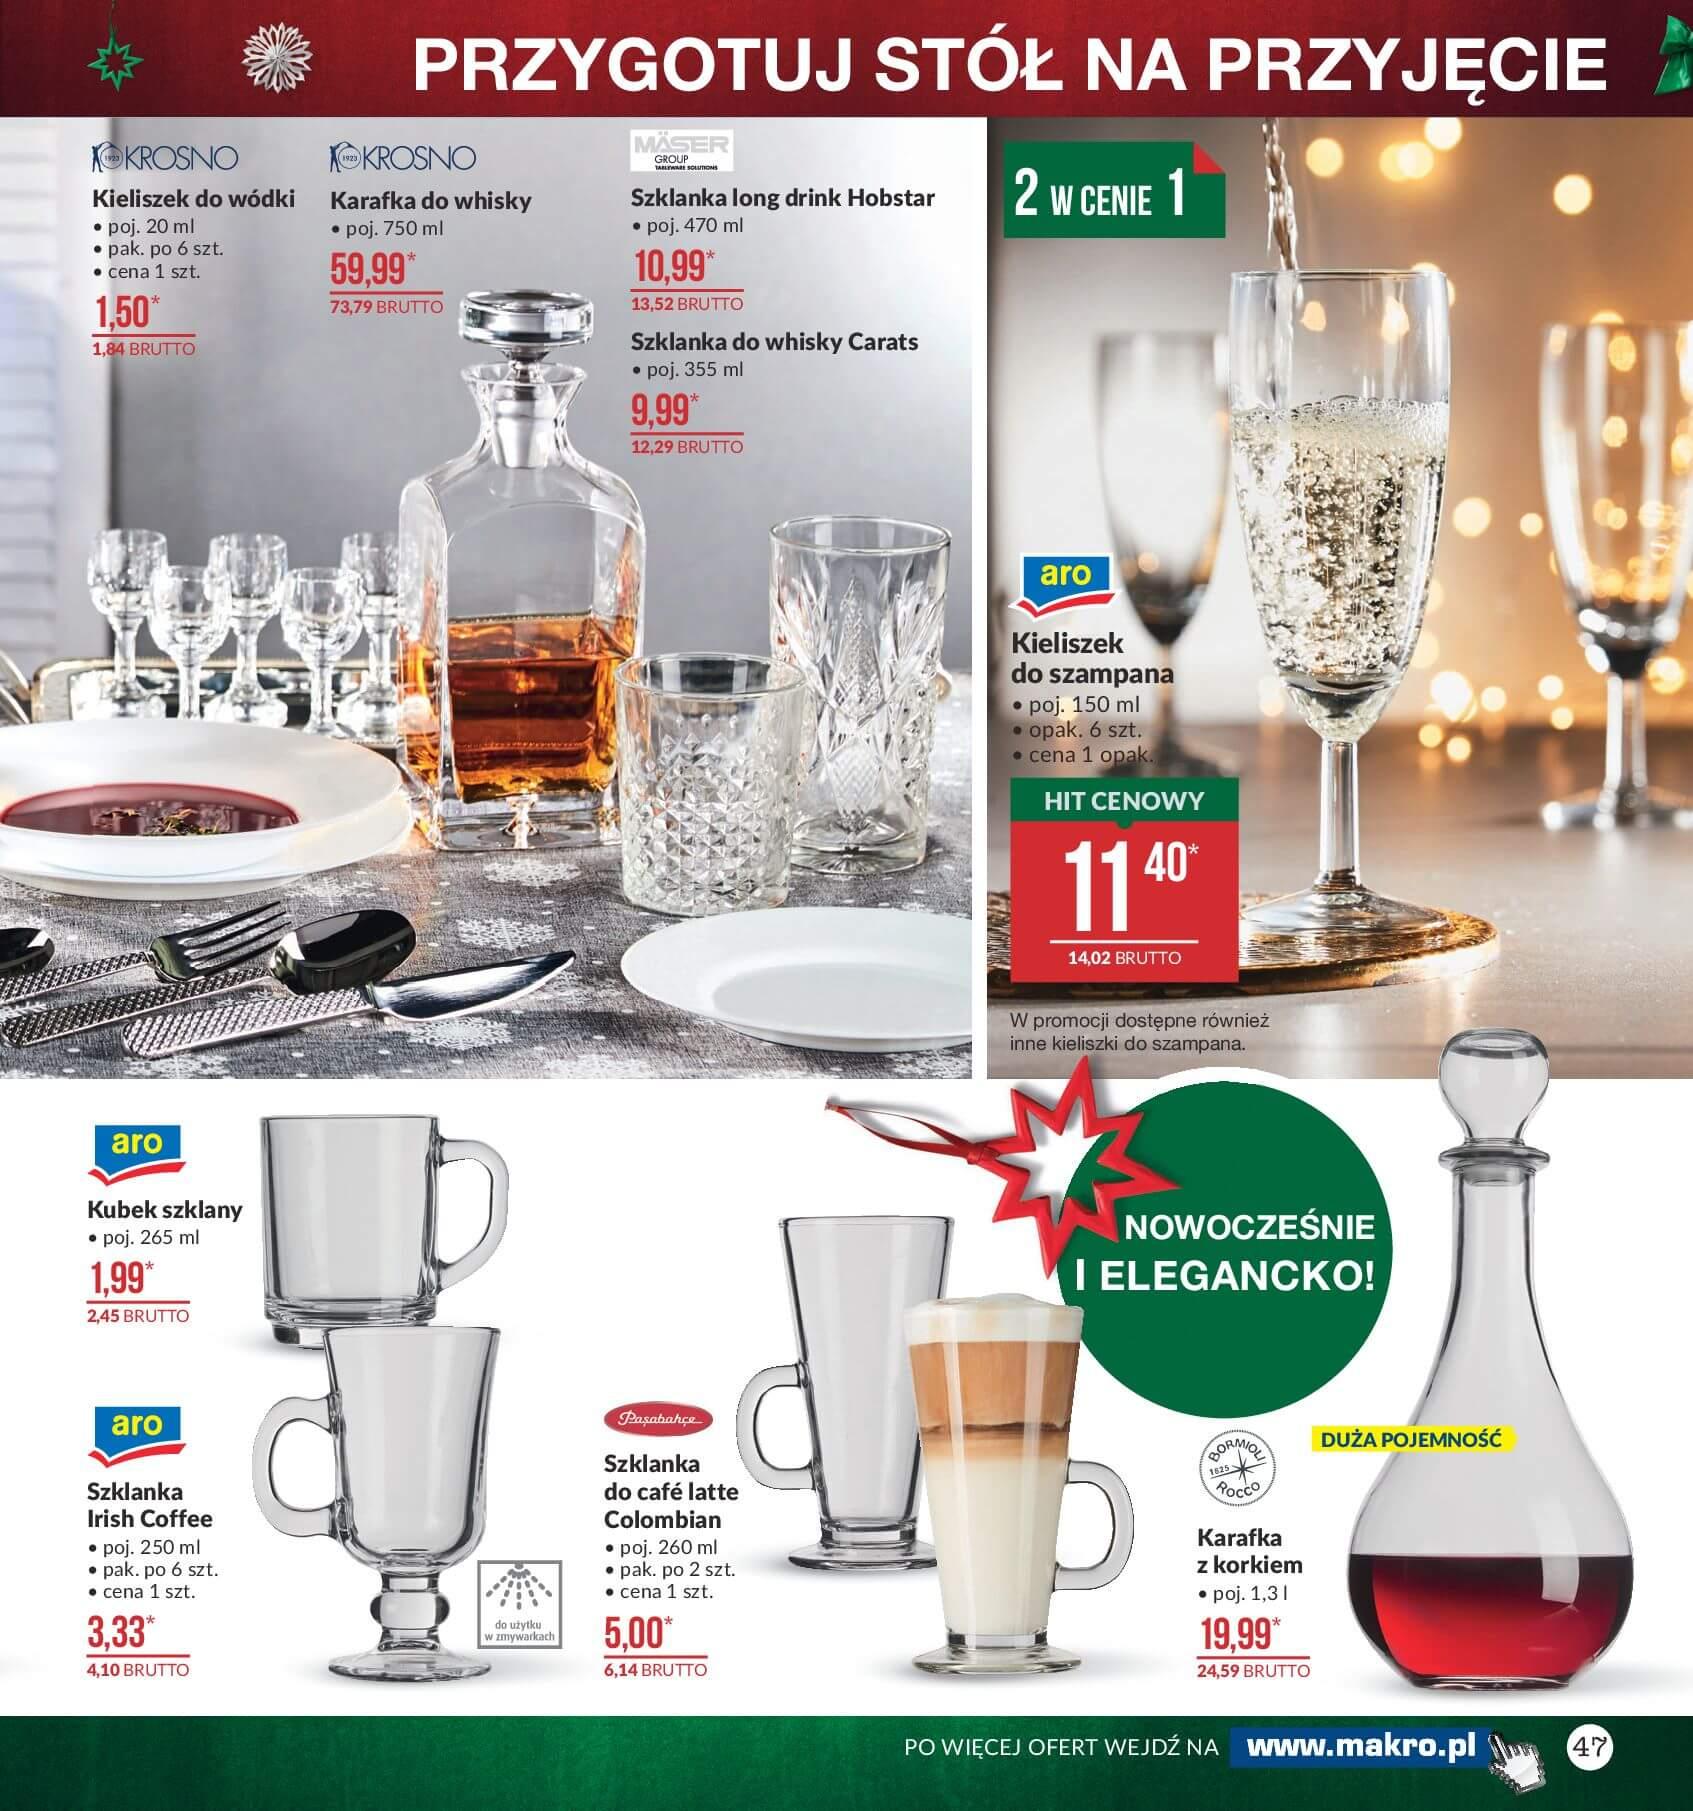 Gazetka Makro - Przygotuj się do świąt-04.12.2017-24.12.2017-page-47